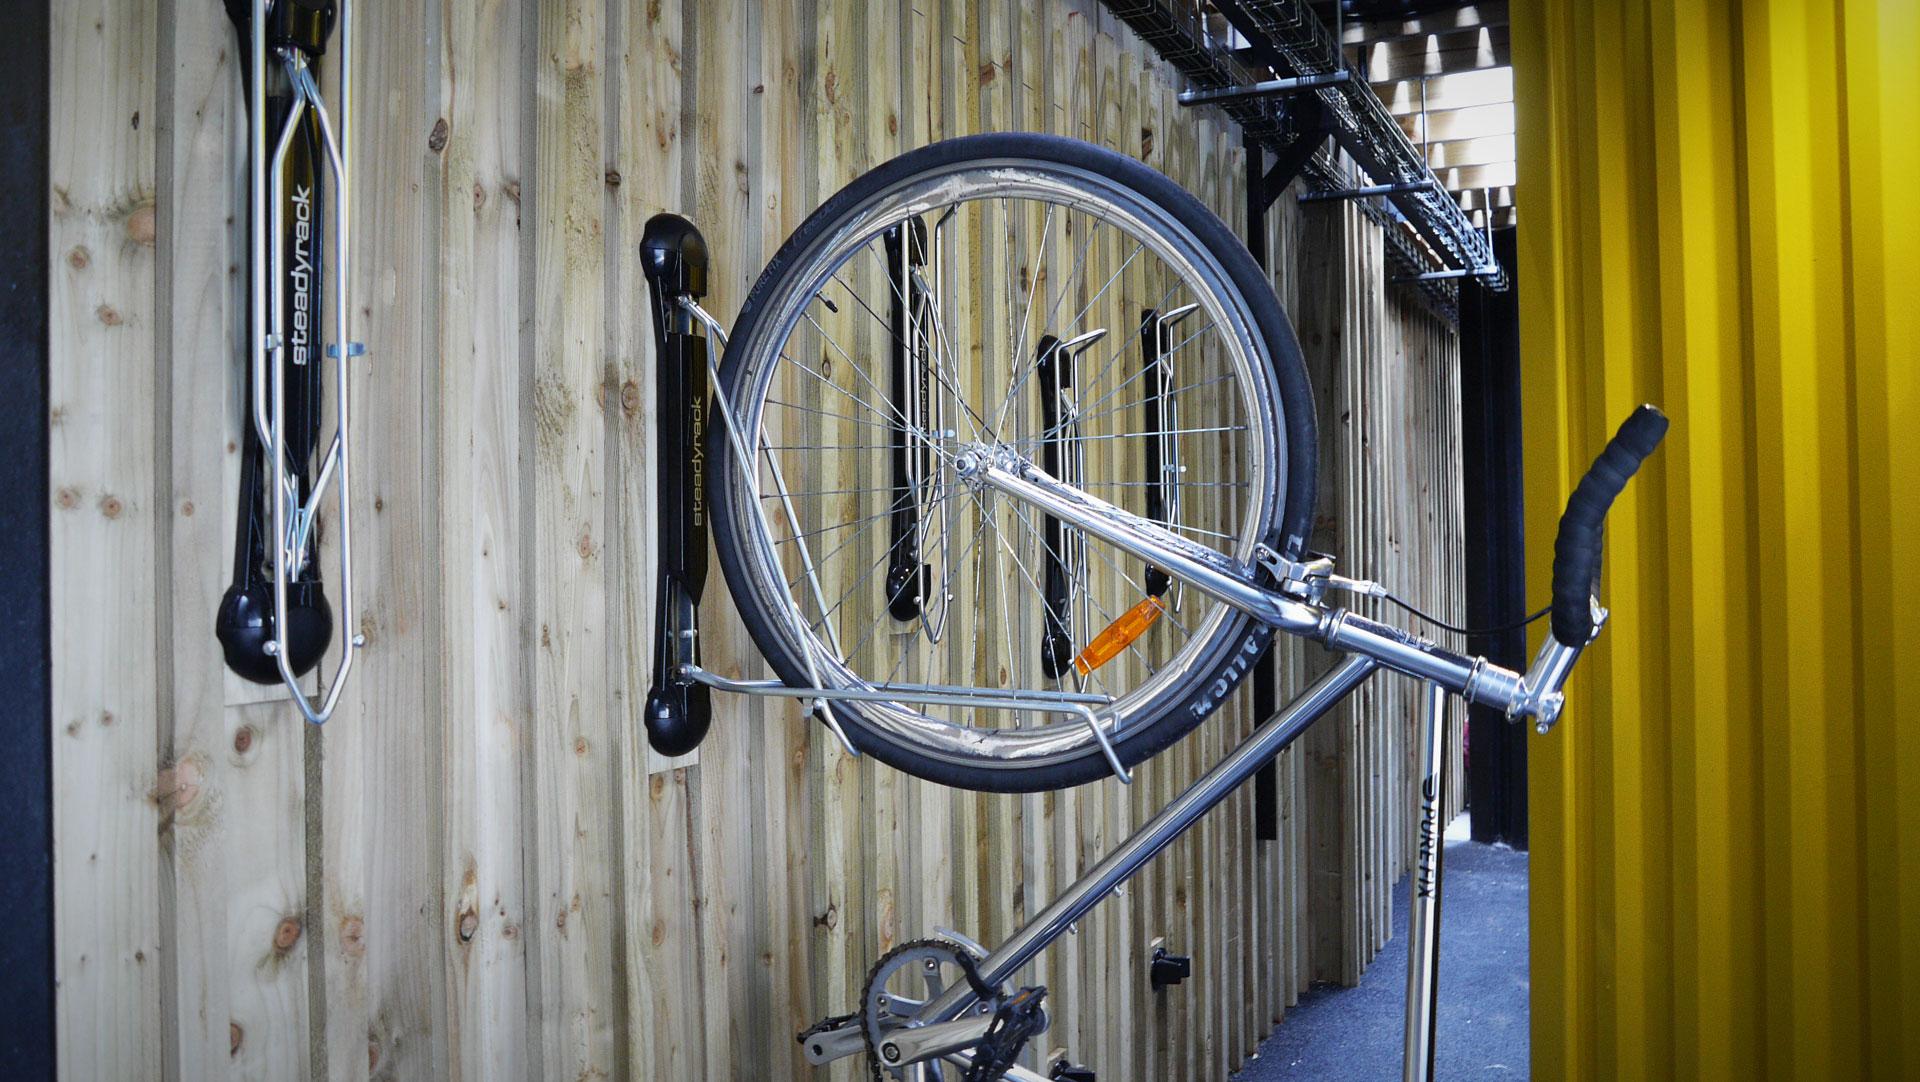 Bebox bike rack